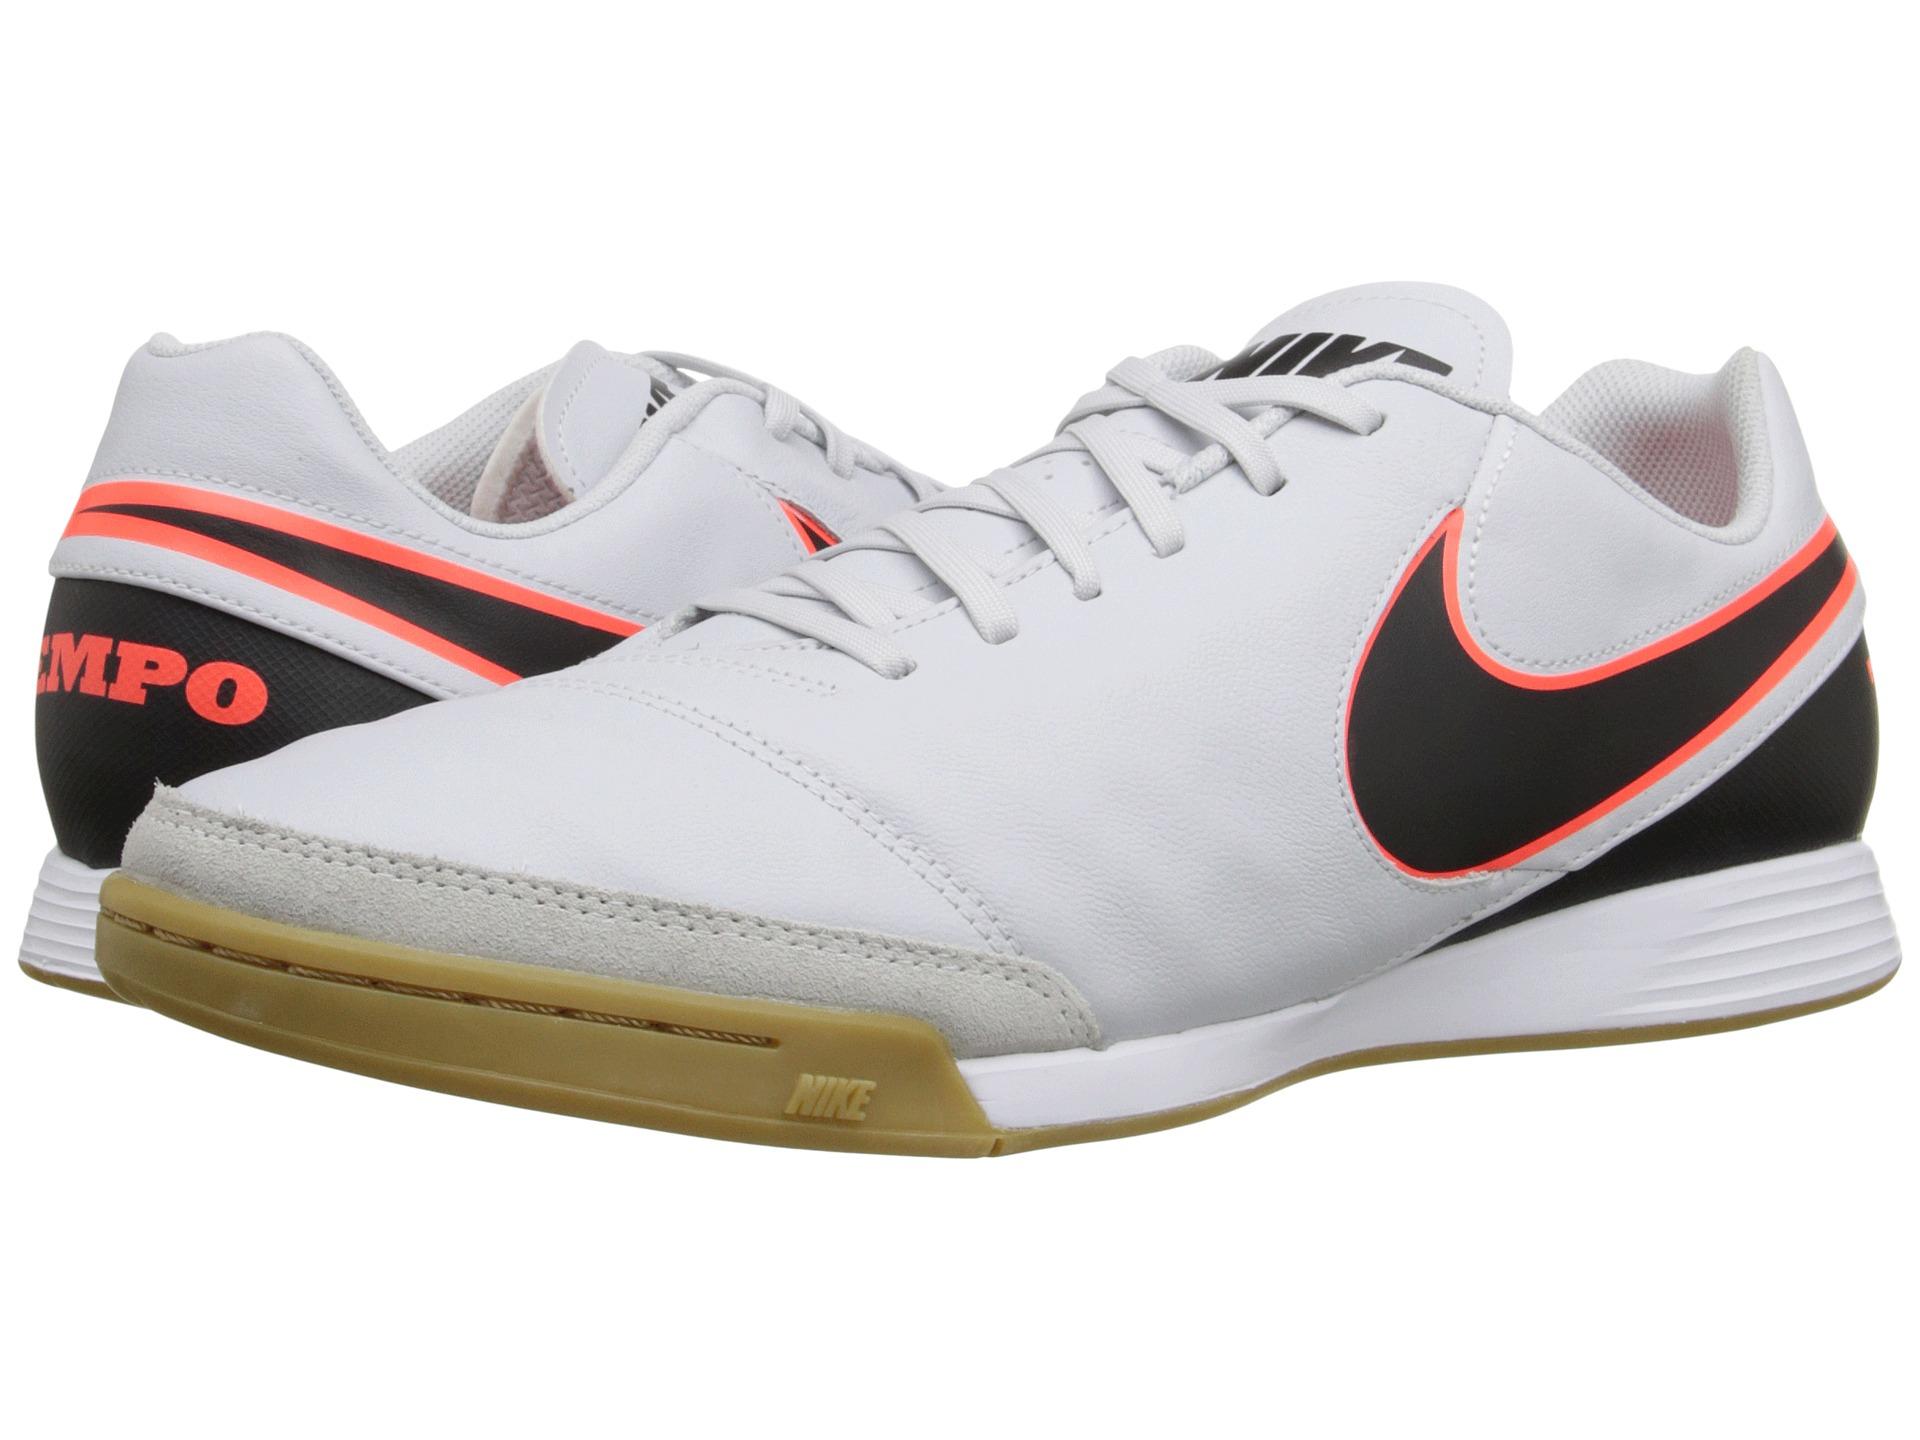 9798395ab4691 Nike Tiempo Genio Ii Leather Ic in Black (Pure Platinum Black Hyper Orange)